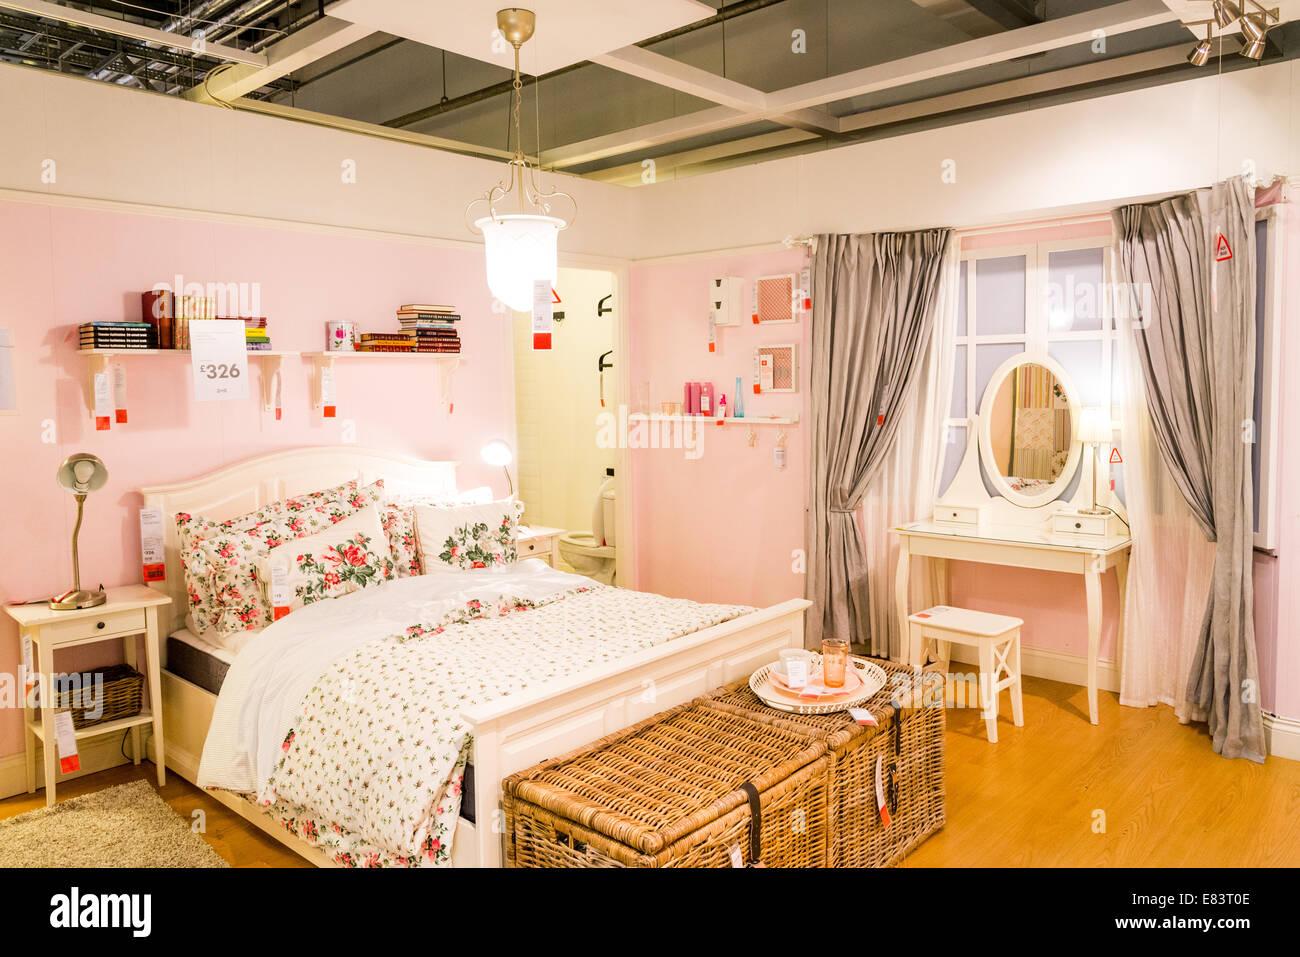 Display Bedroom In Ikea London England Uk Stock Photo